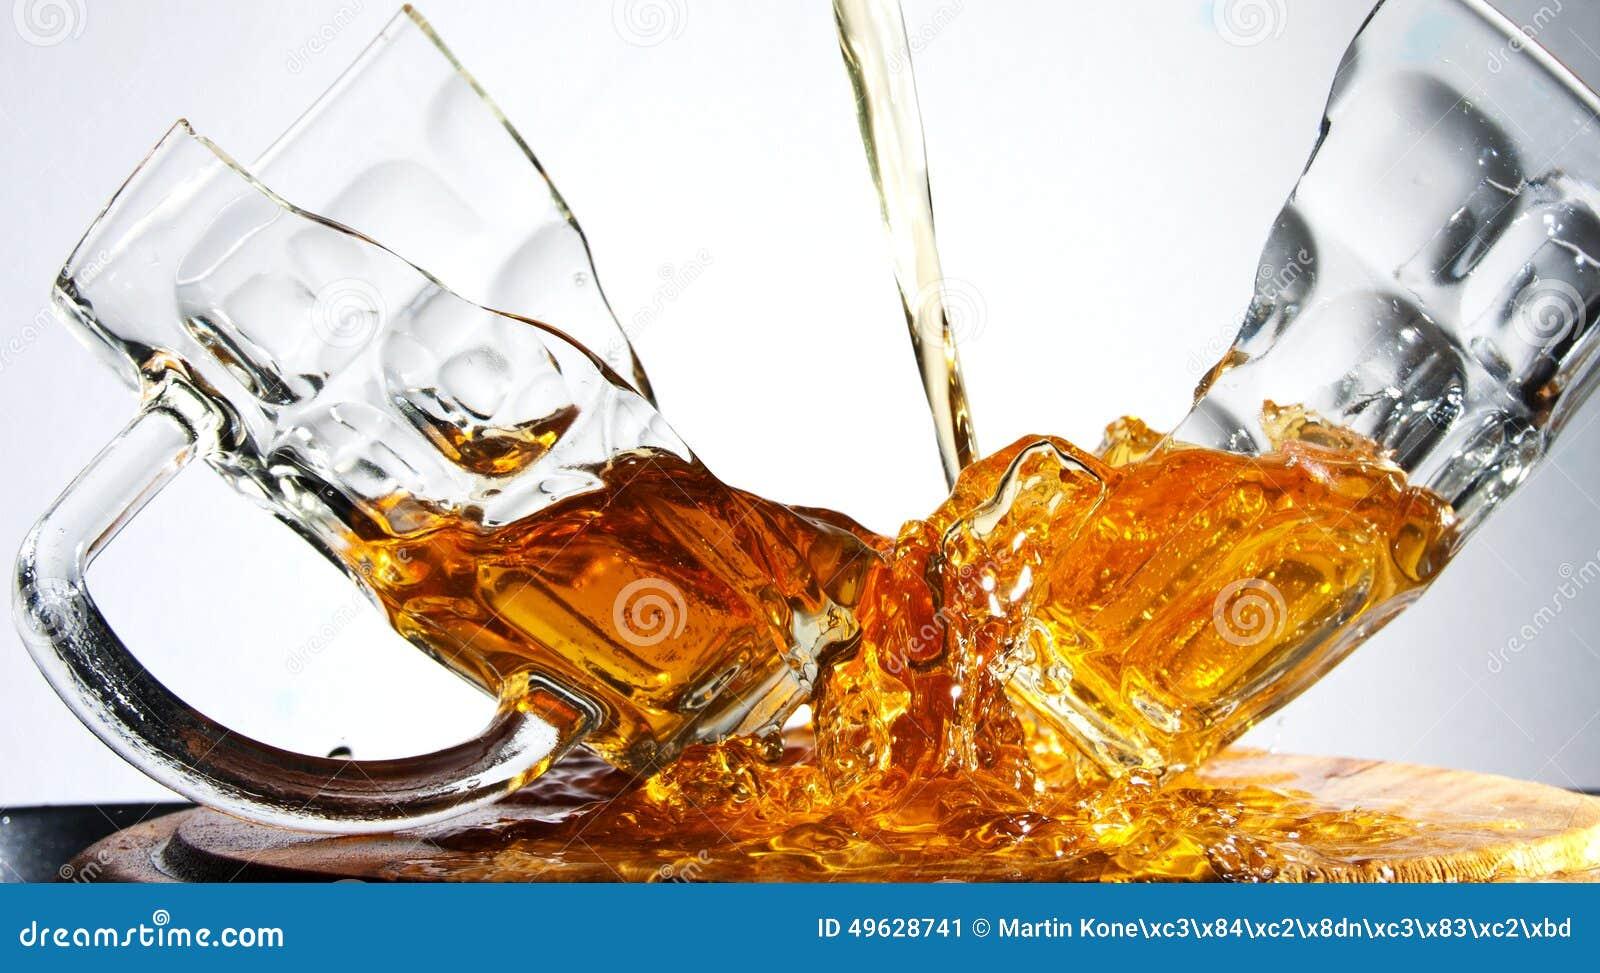 cracked-beer-glass-broken-wave-49628741.